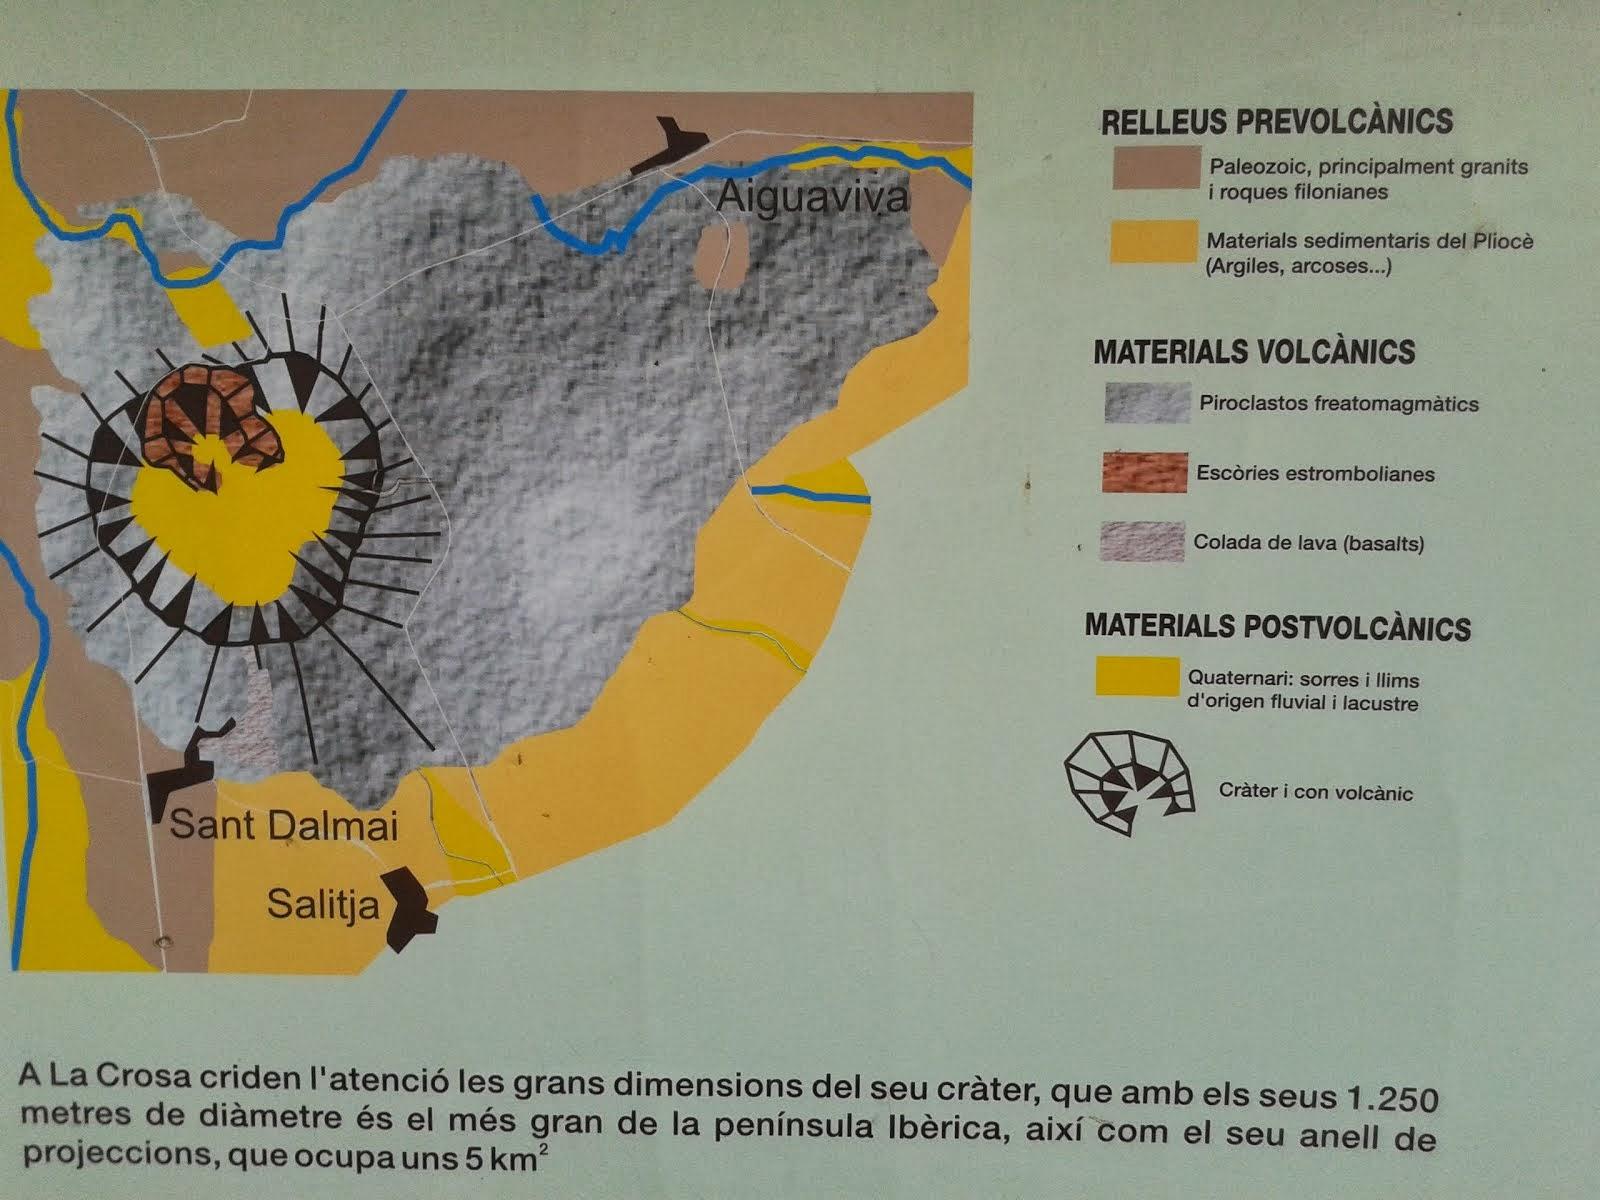 Relleus i materials del volcà de la Crosa